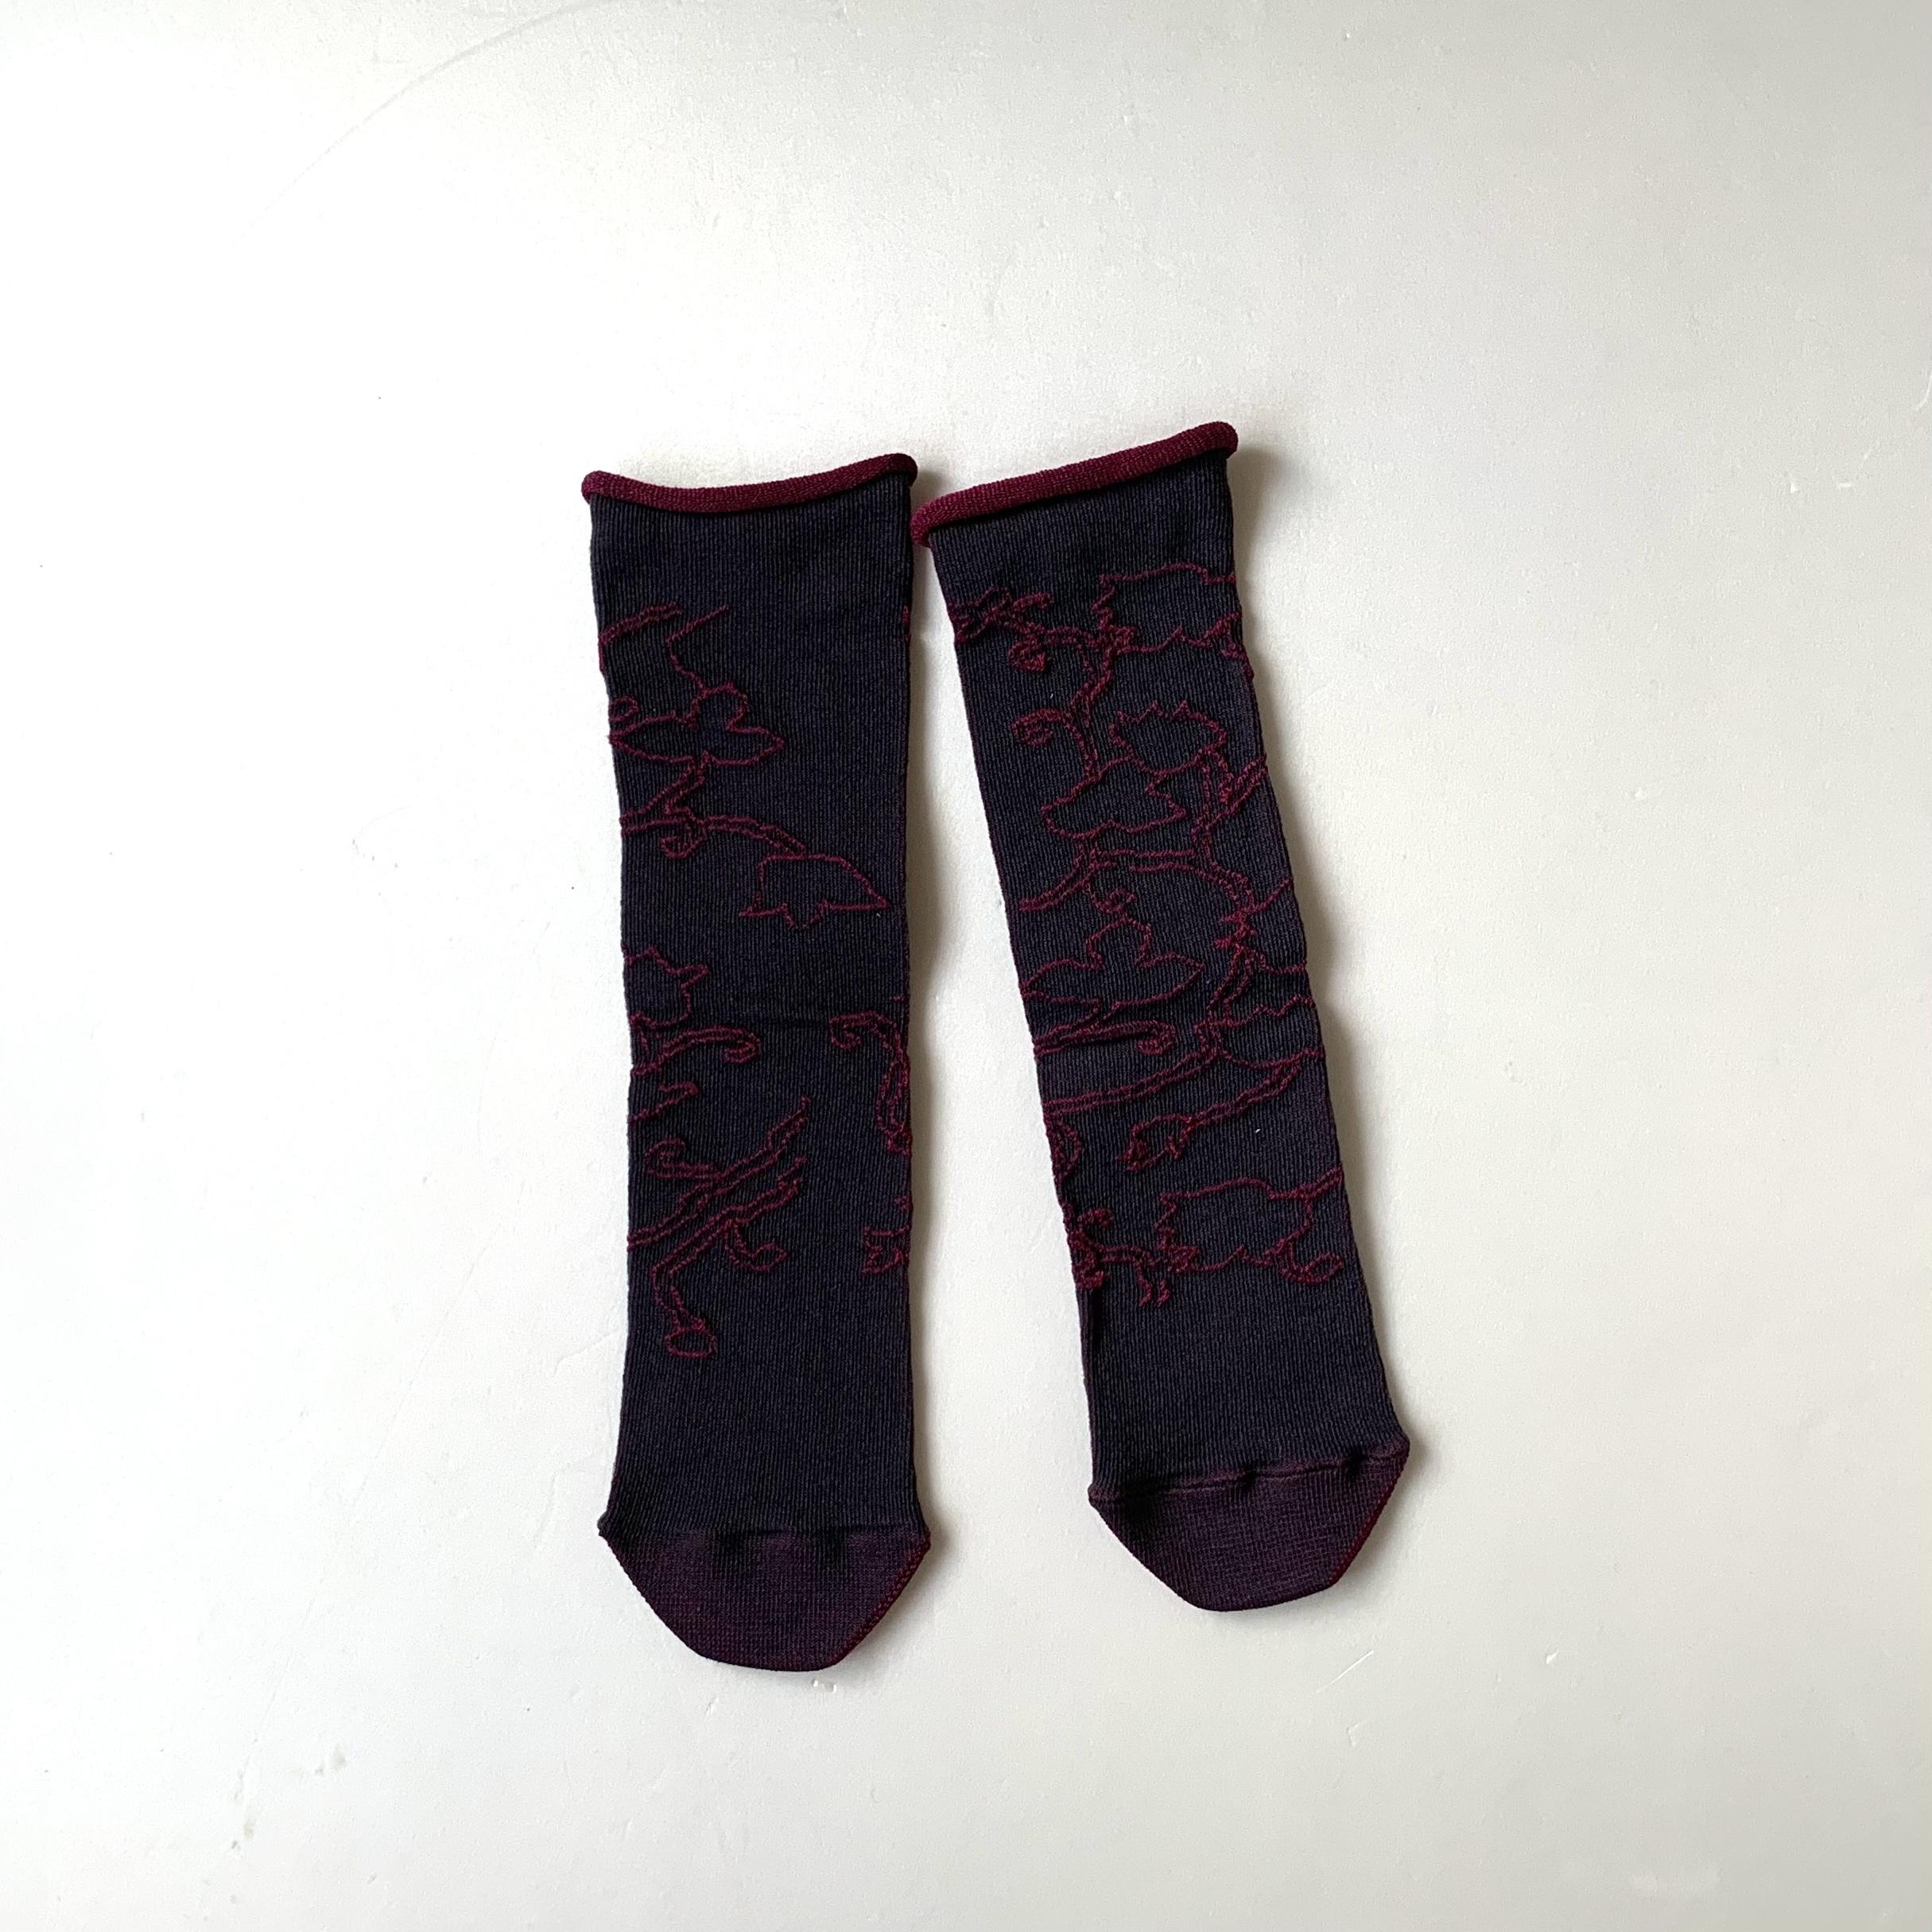 かかとのない靴下 【つつした x pink india】| wine red |